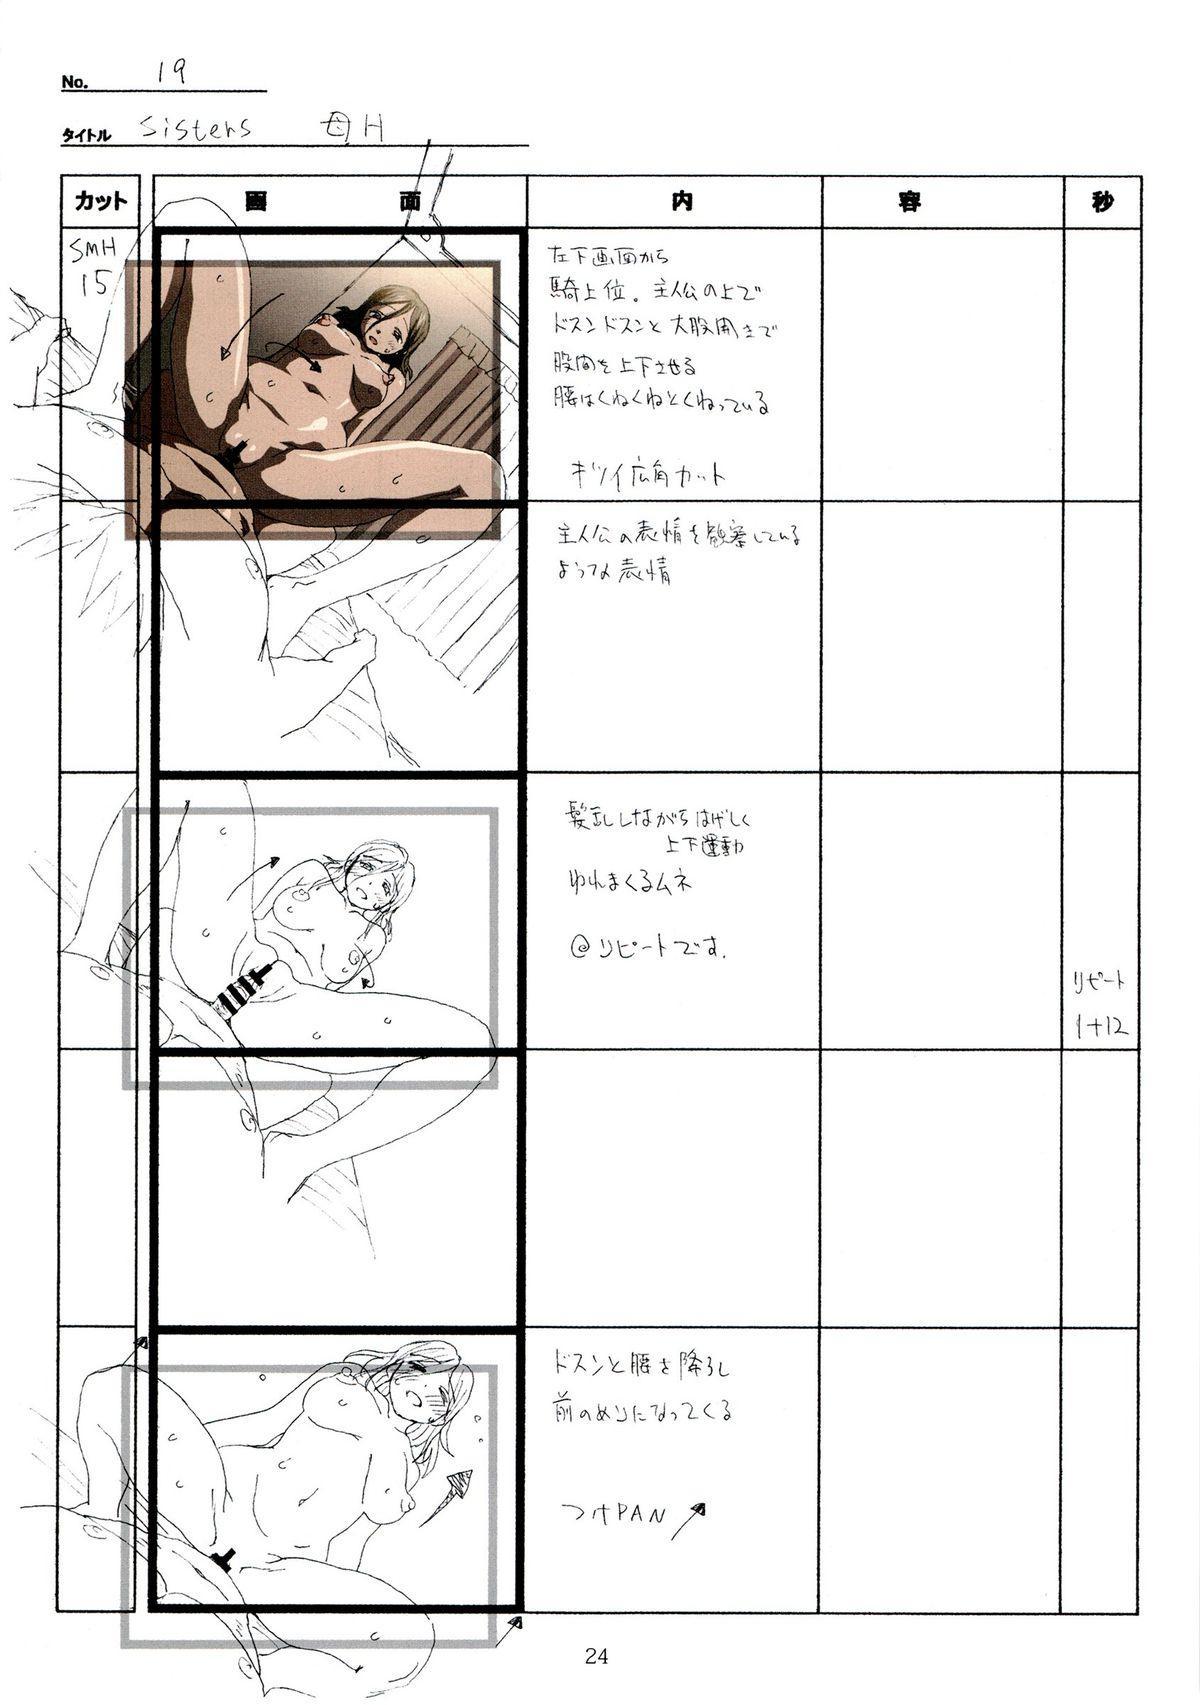 (C89) [Makino Jimusho (Taki Minashika)] SISTERS -Natsu no Saigo no Hi- H Scene All Part Storyboard (SISTERS -Natsu no Saigo no Hi-) 23